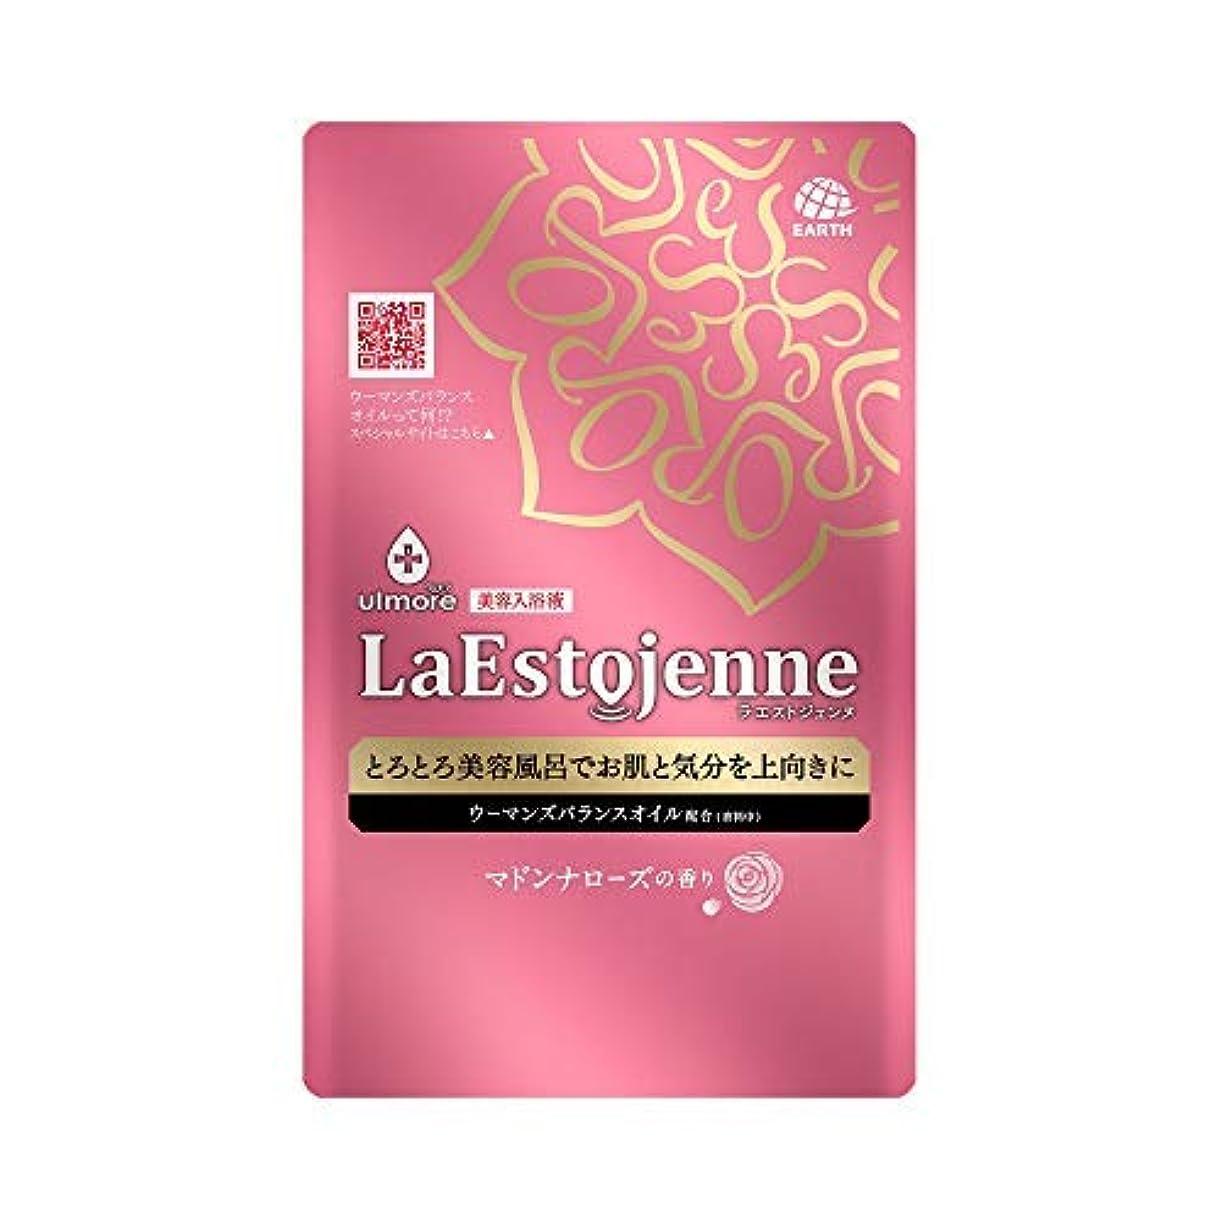 バリア処分した購入ウルモア ラエストジェンヌ マドンナローズの香り 1包 × 24個セット